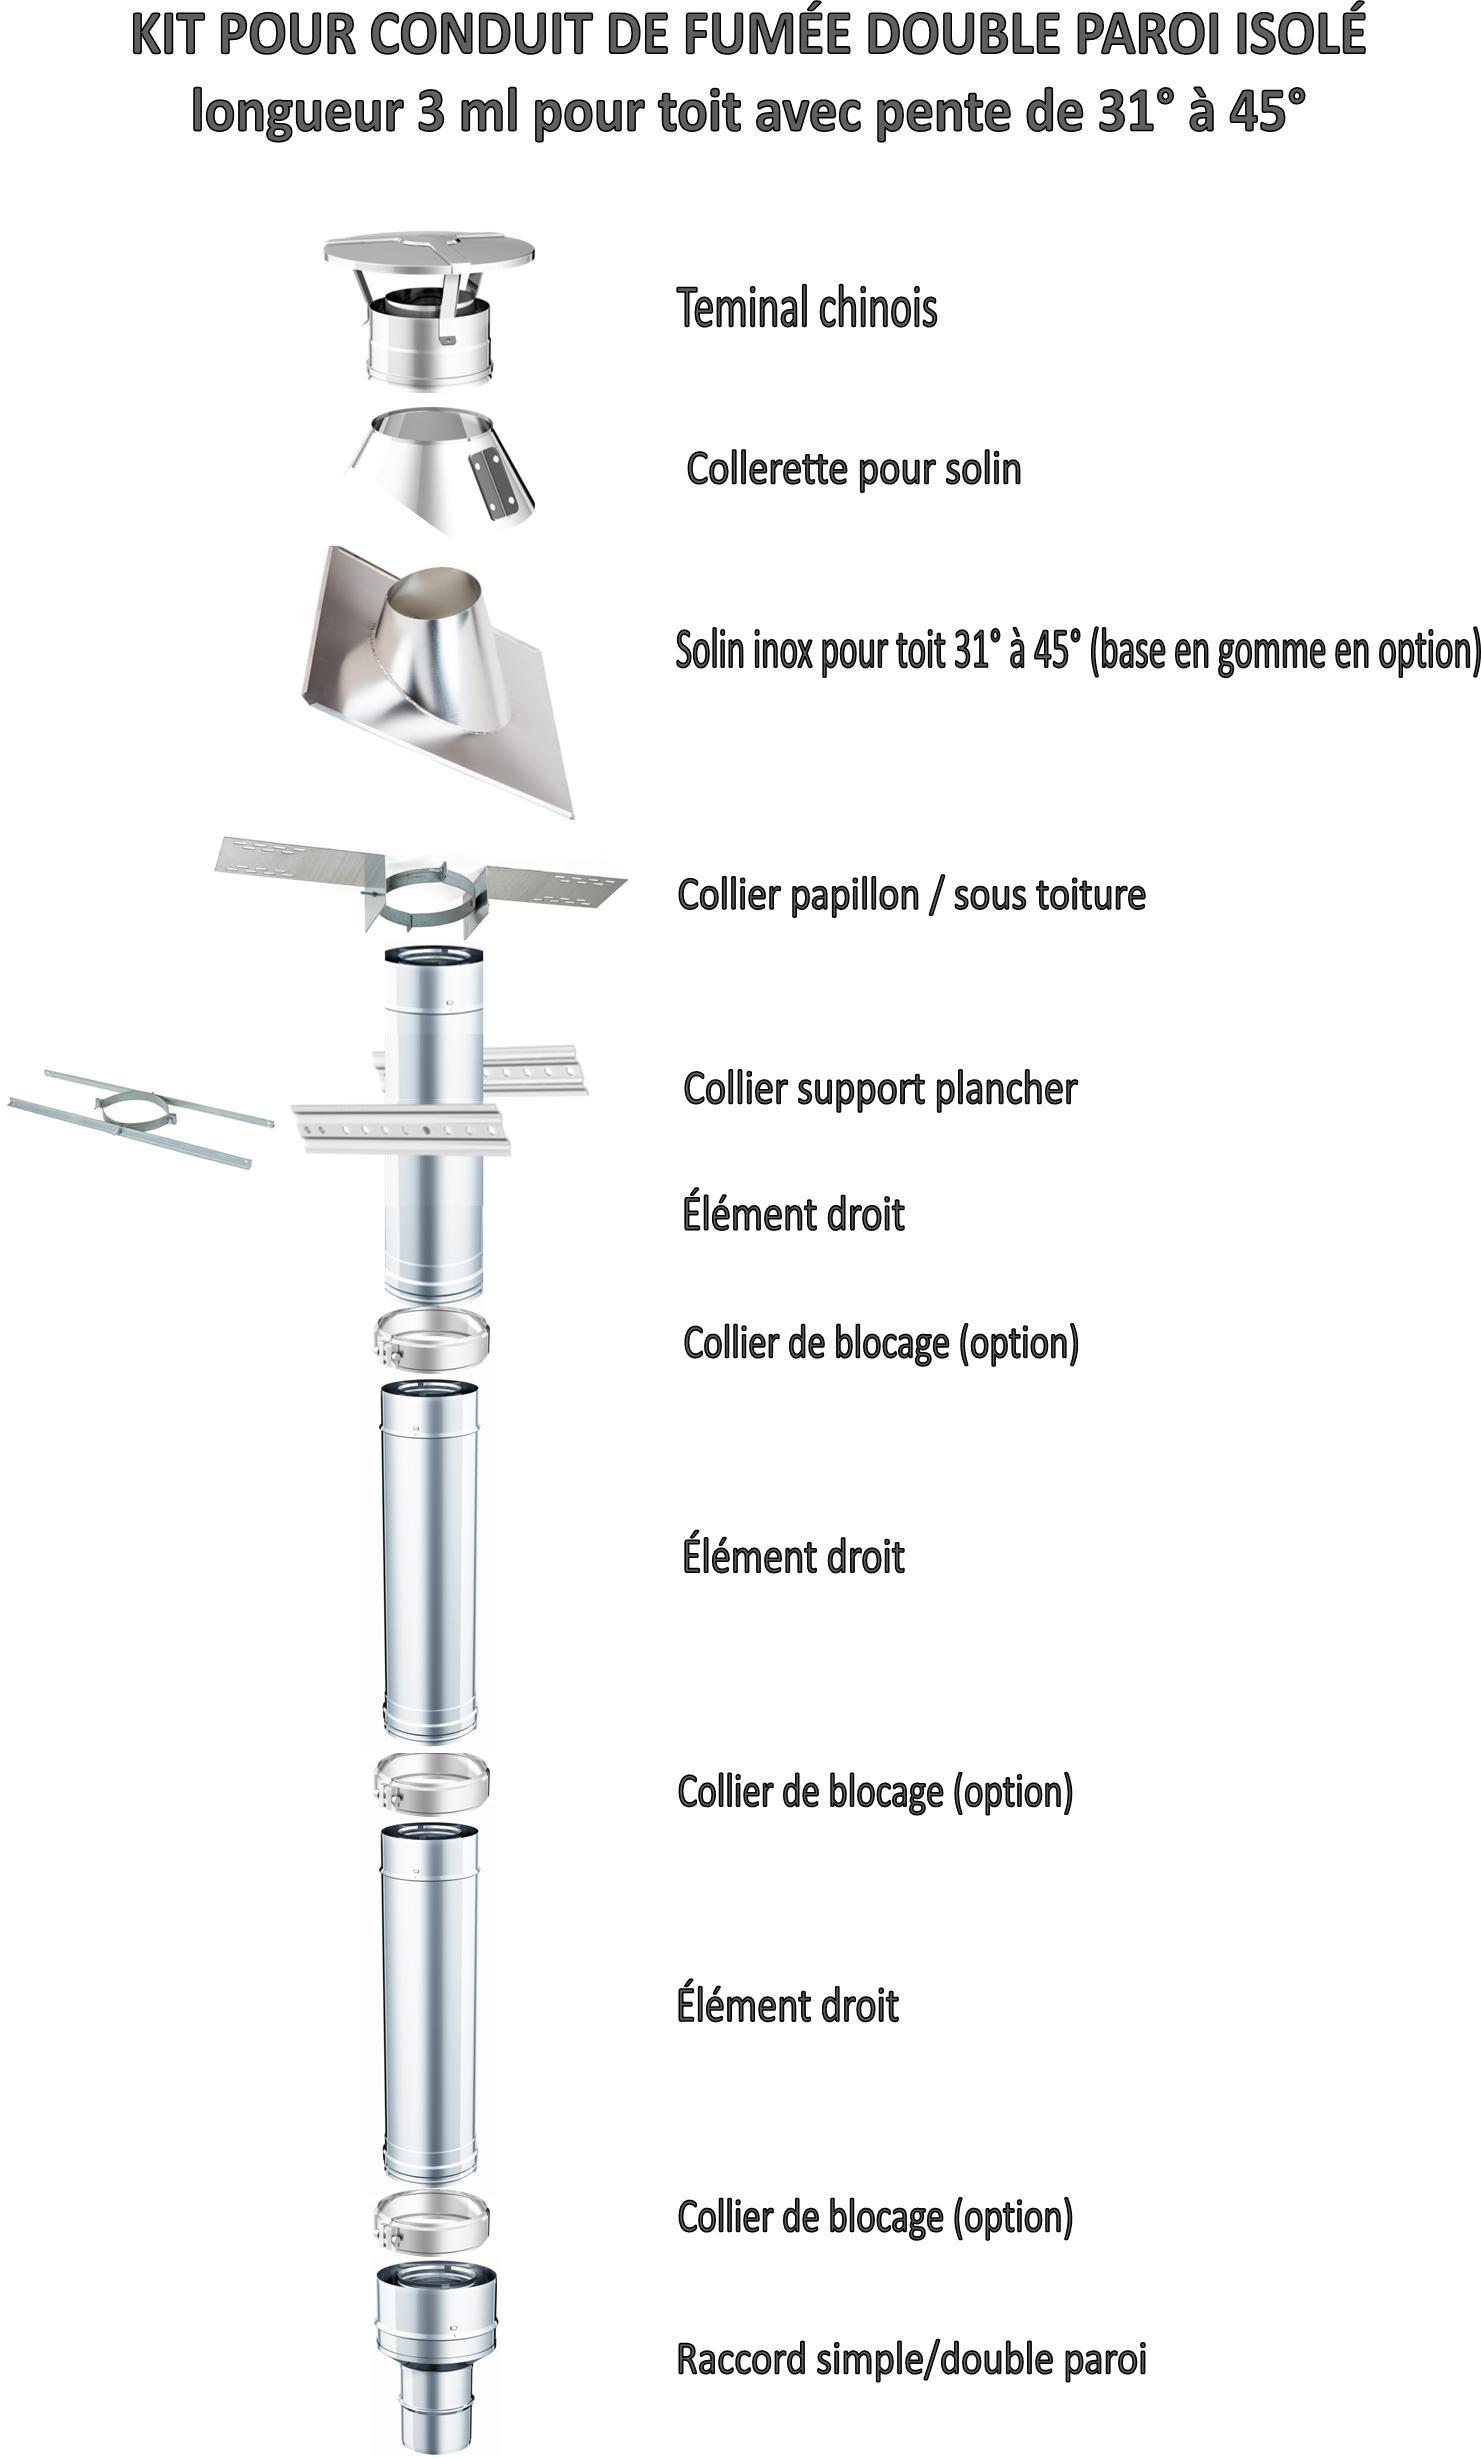 Cache Pour Conduit De Cheminée kit n°12 - pour toit 31° à 45° longueur 3ml Ø 200mm - réf